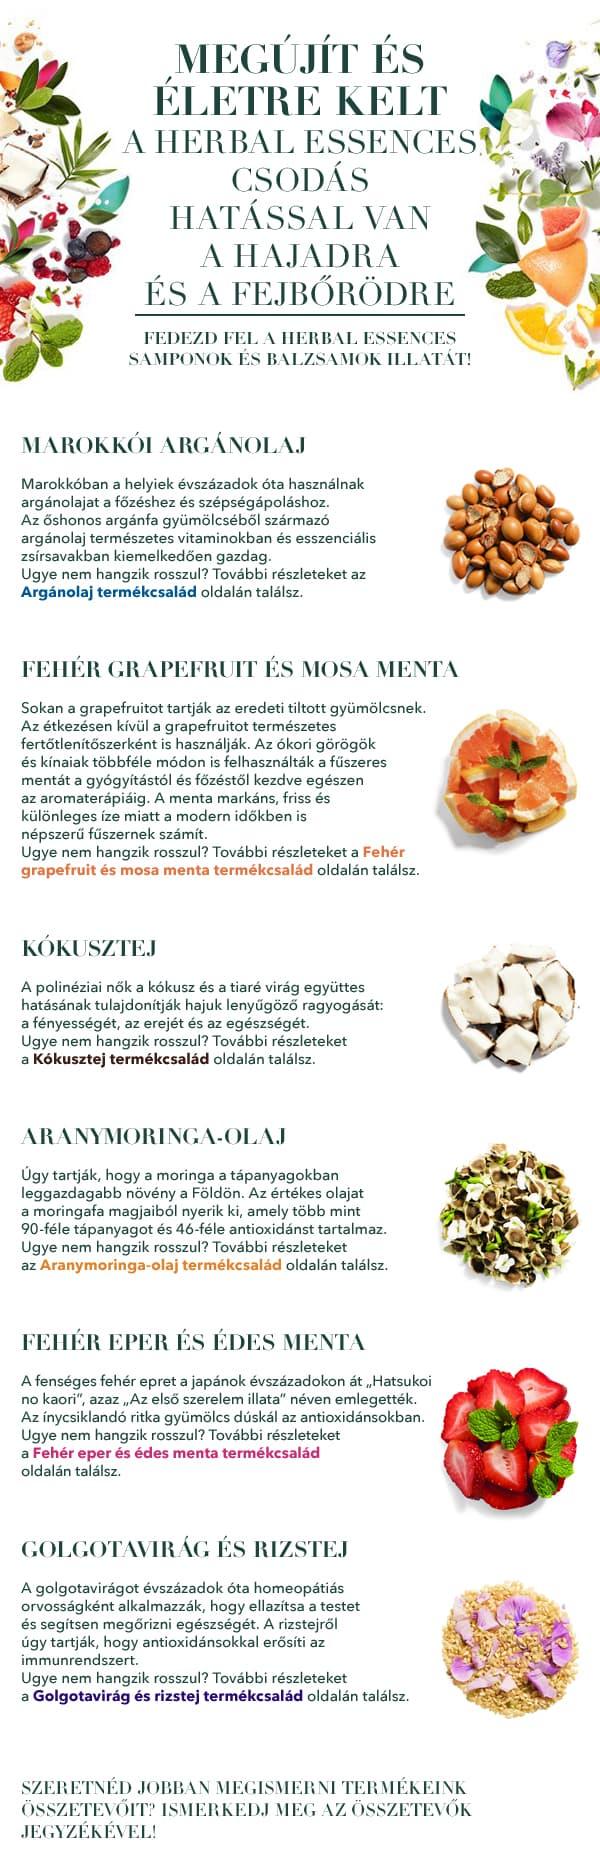 PG_120870_Herbal-Essences_HU_ingredients_600px_2